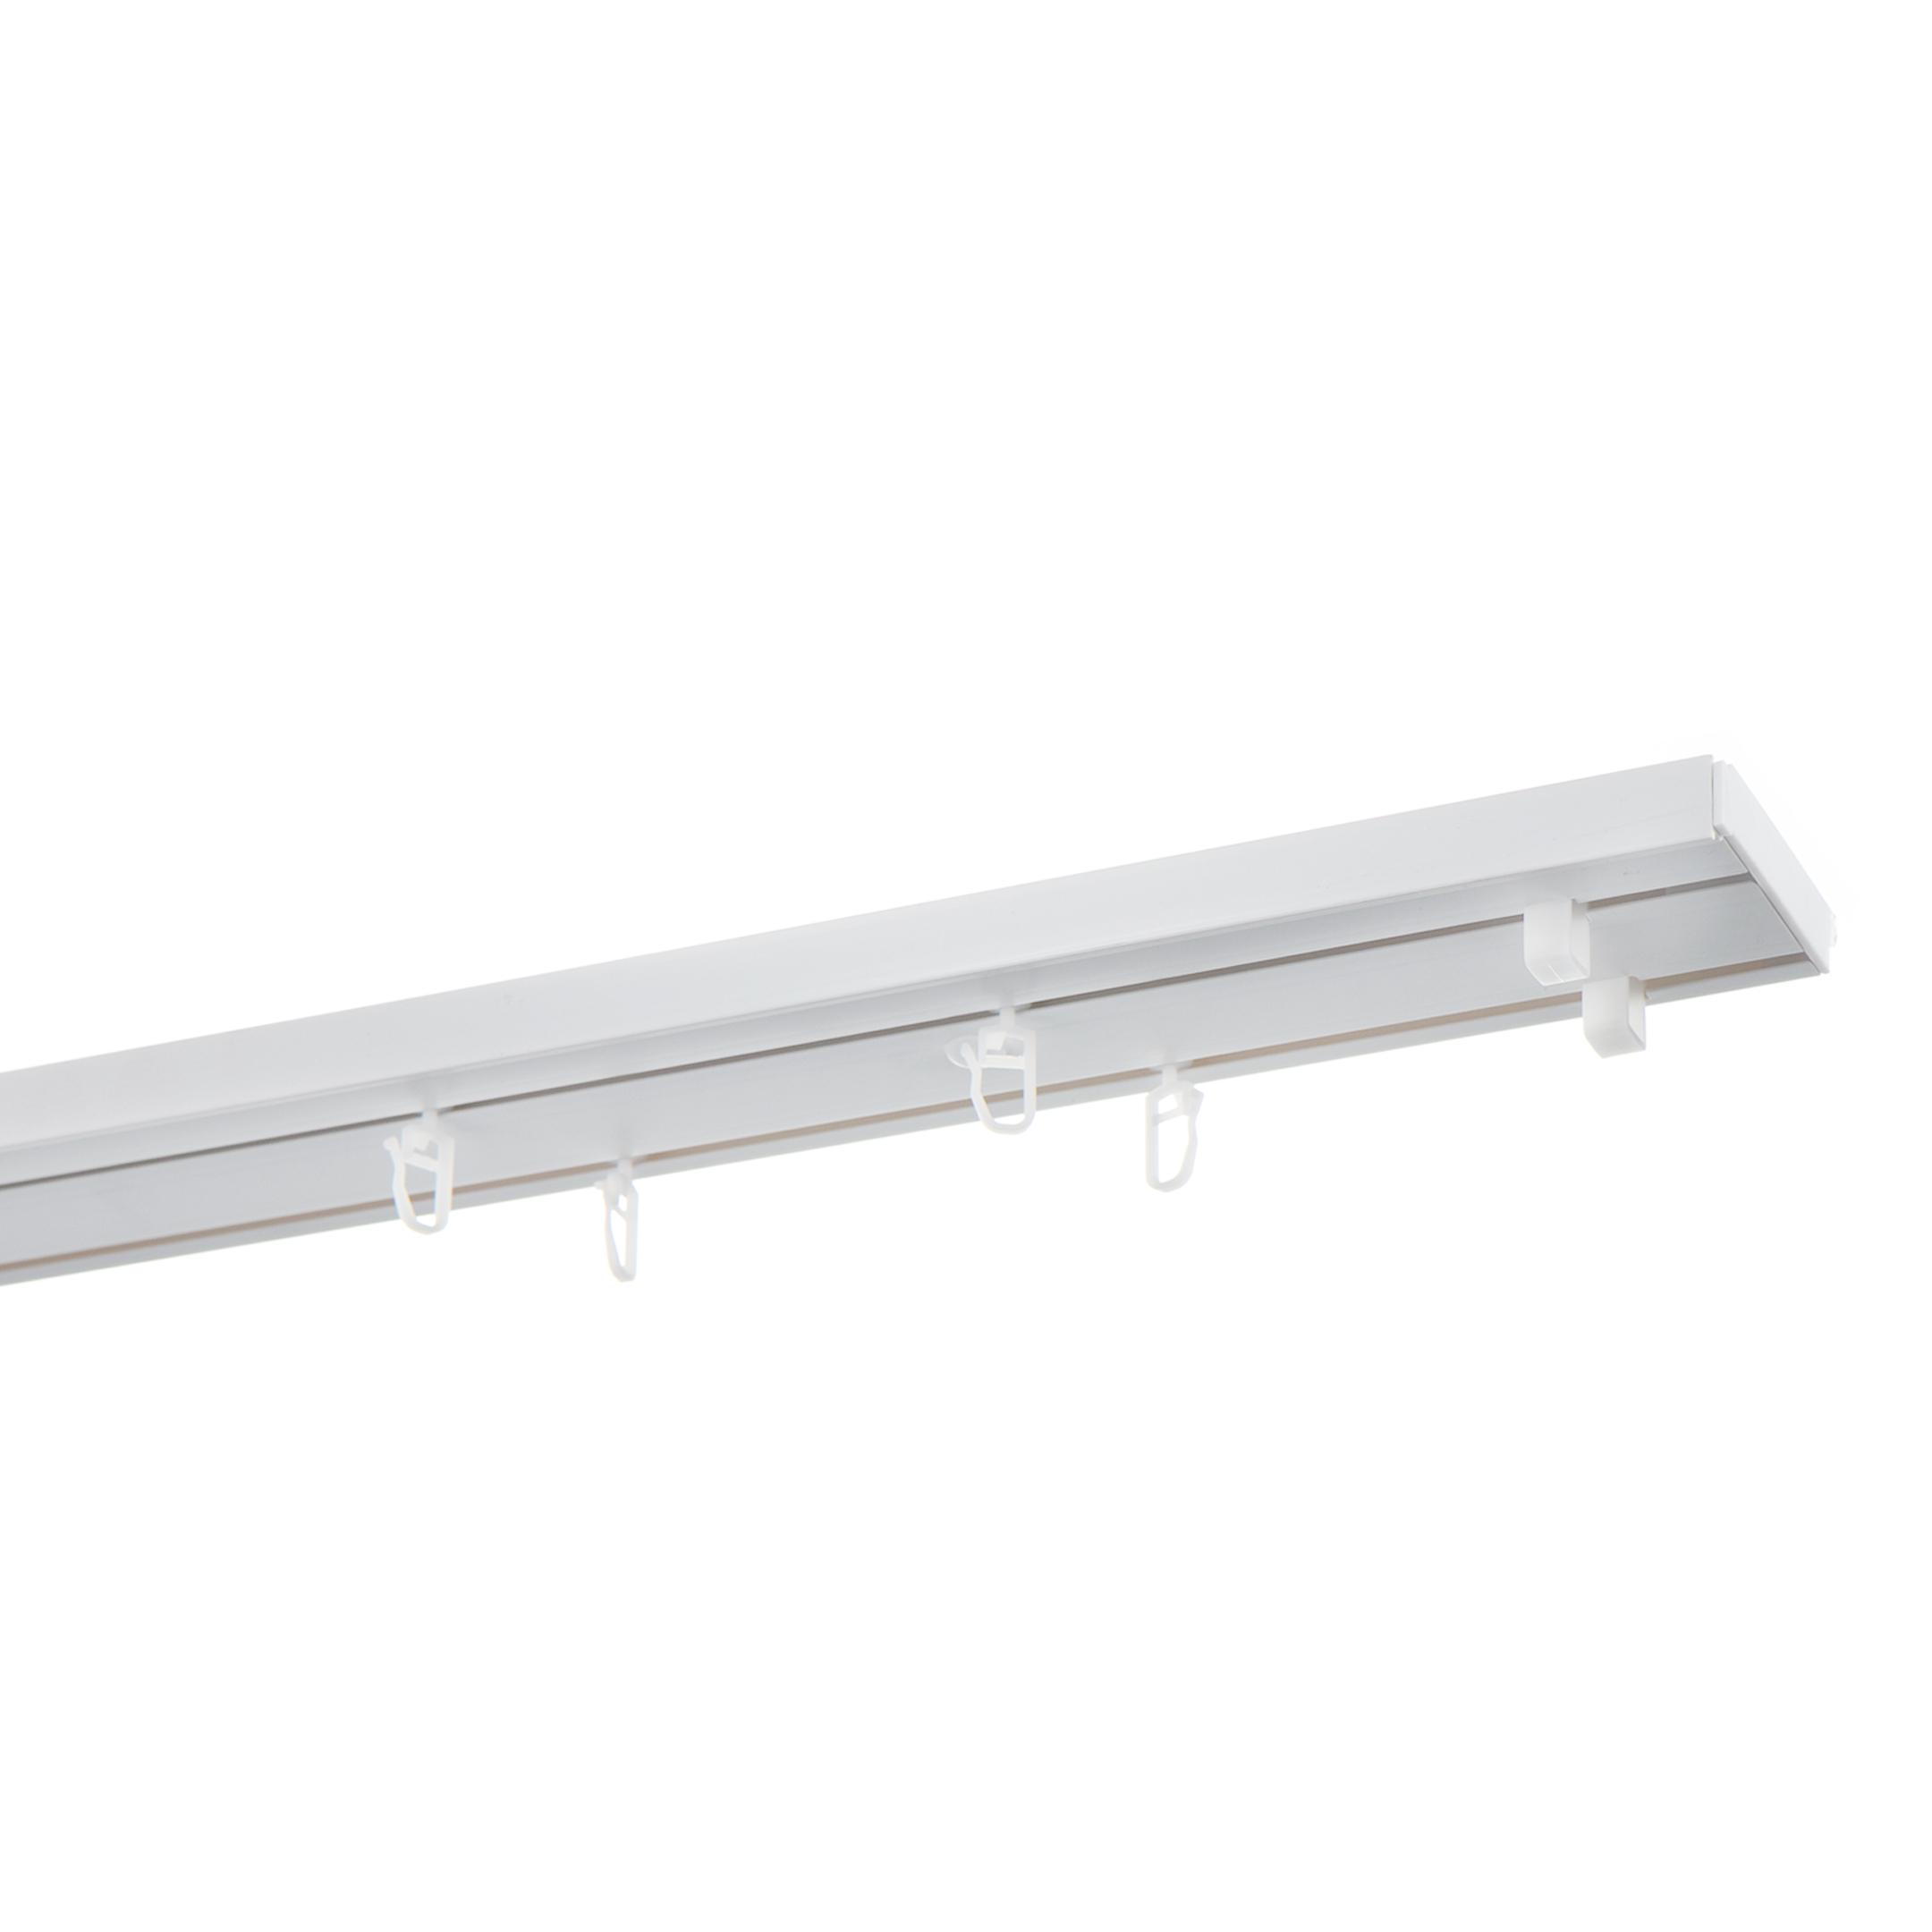 Карниз потолочный пластмассовый двухрядный Стандартный 250 см белый крючки kujira carp серия 250 bn карповый 3 10 шт карповый